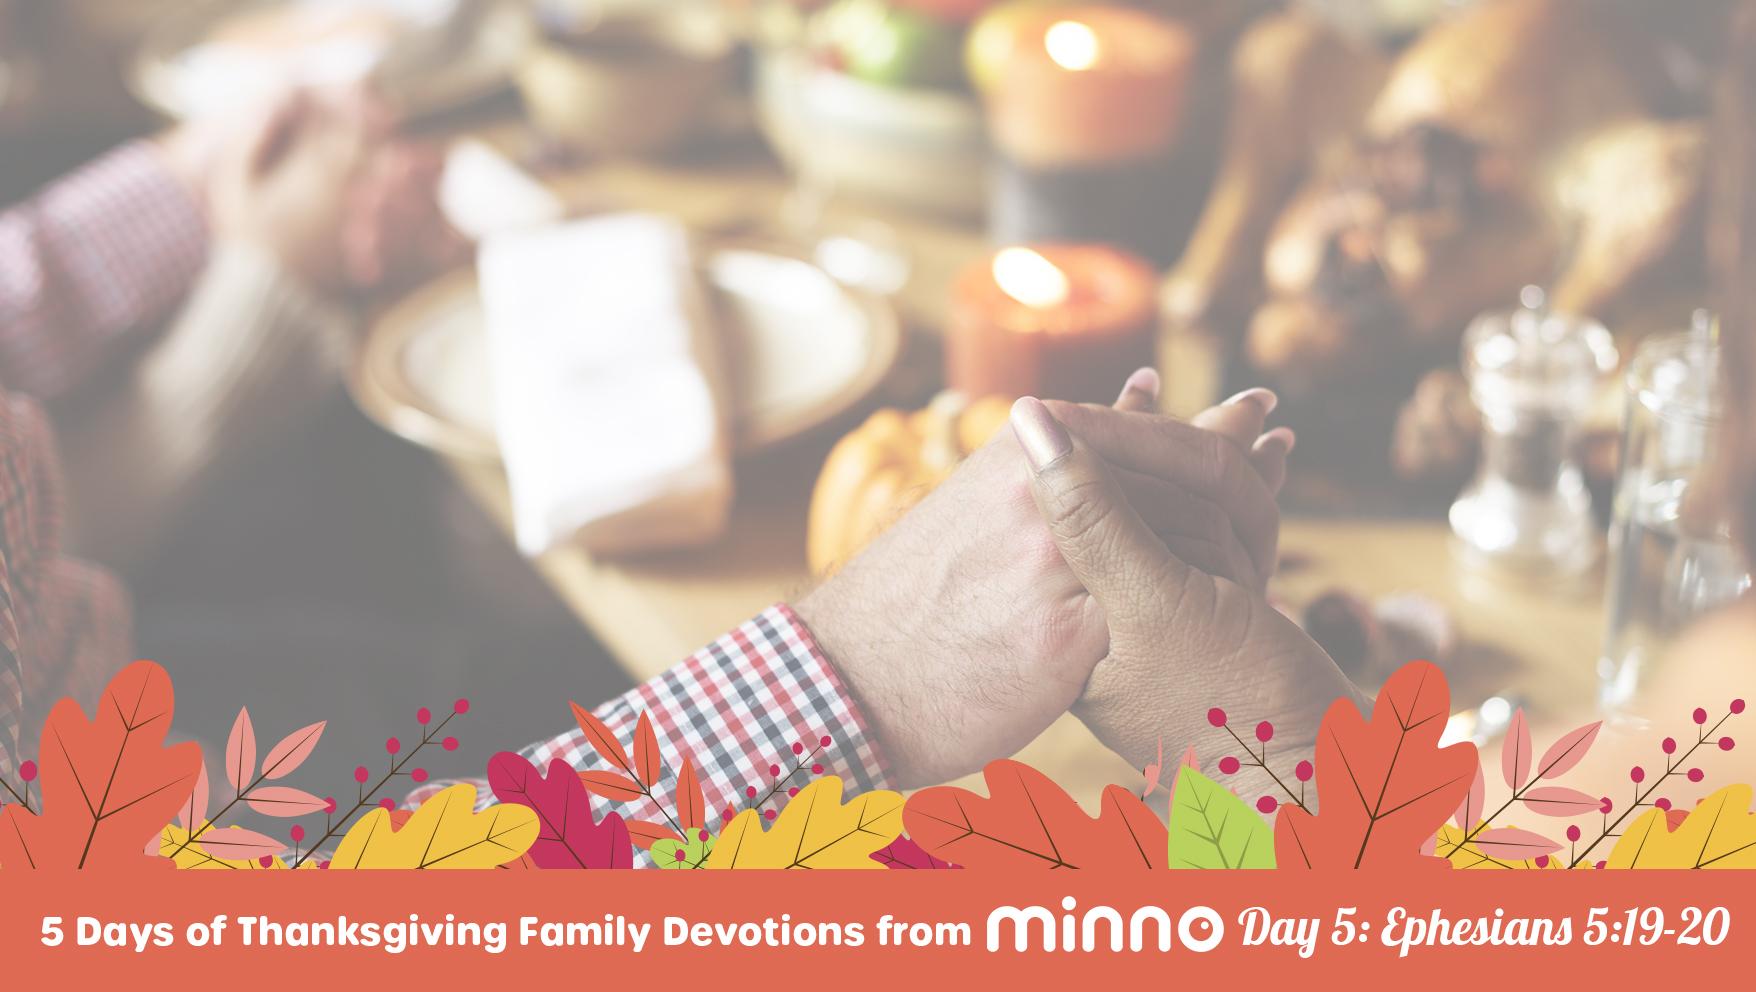 564728_ThanksgivingFamilyDevotionDay0...